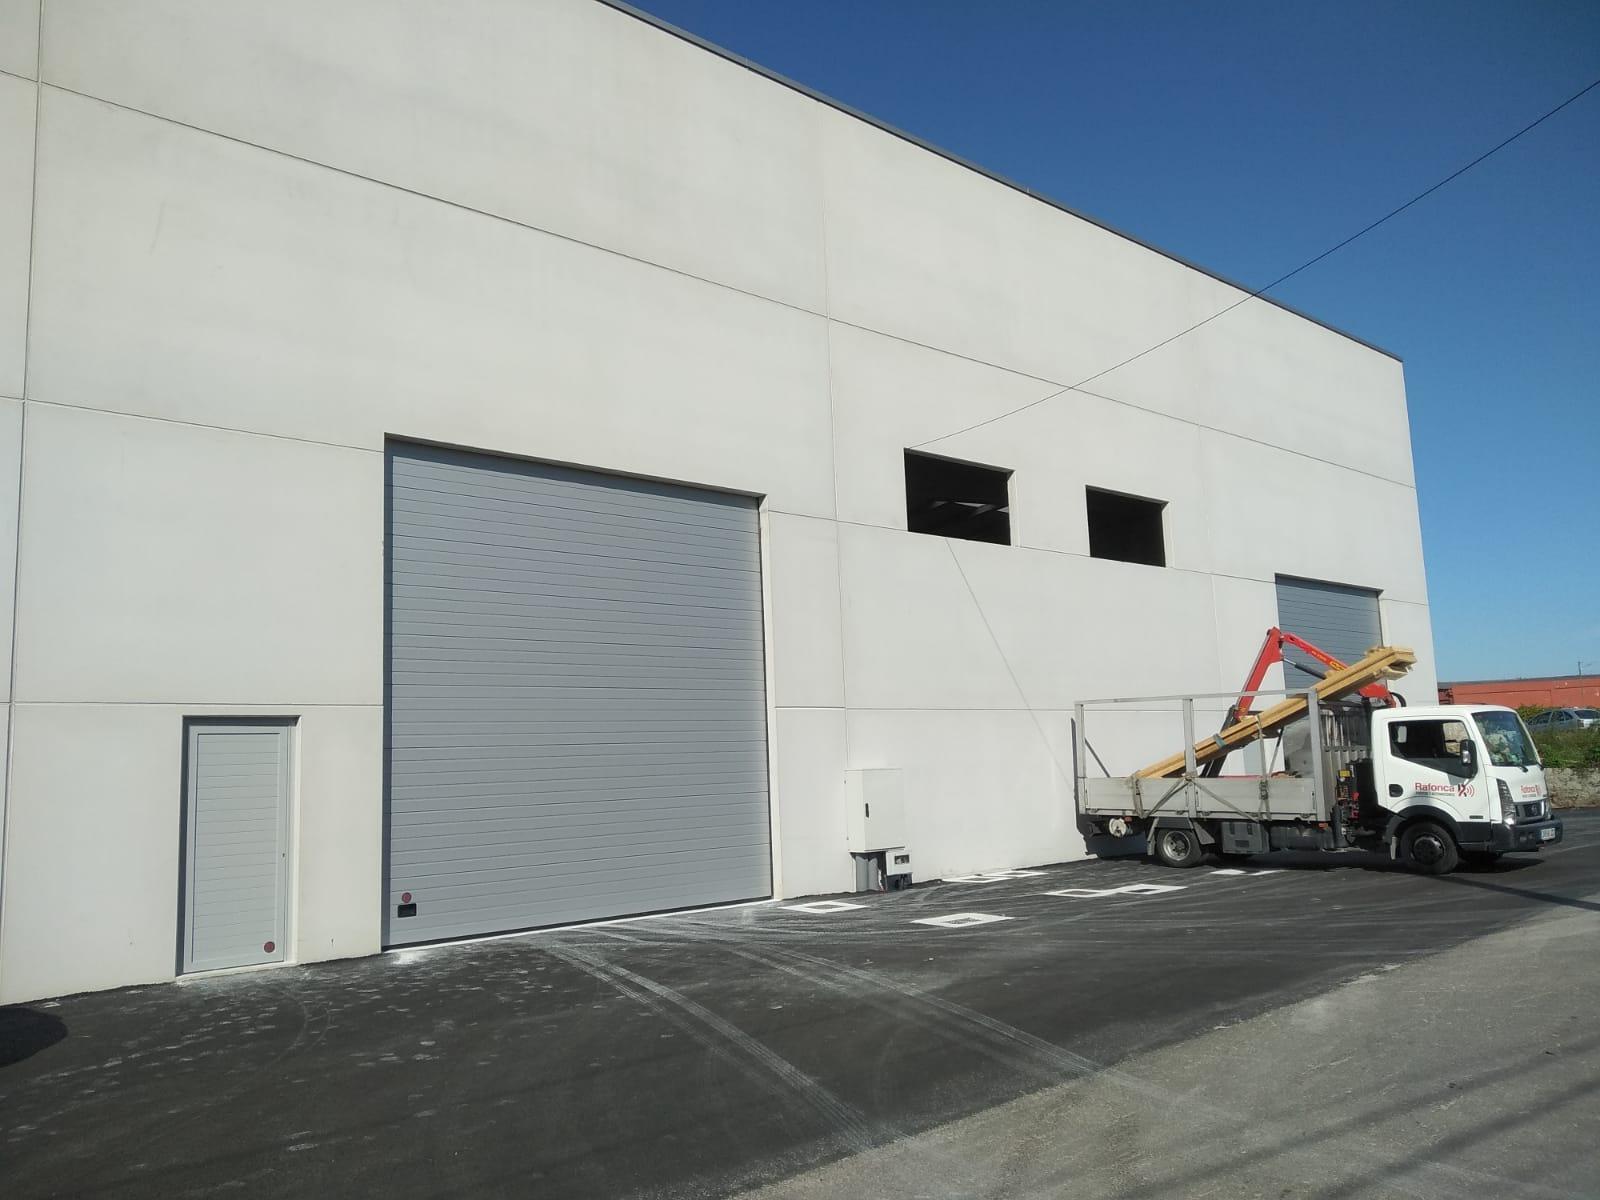 Instalación de puertas seccionales industriales Novoferm en Vilagarcía de Arousa 1